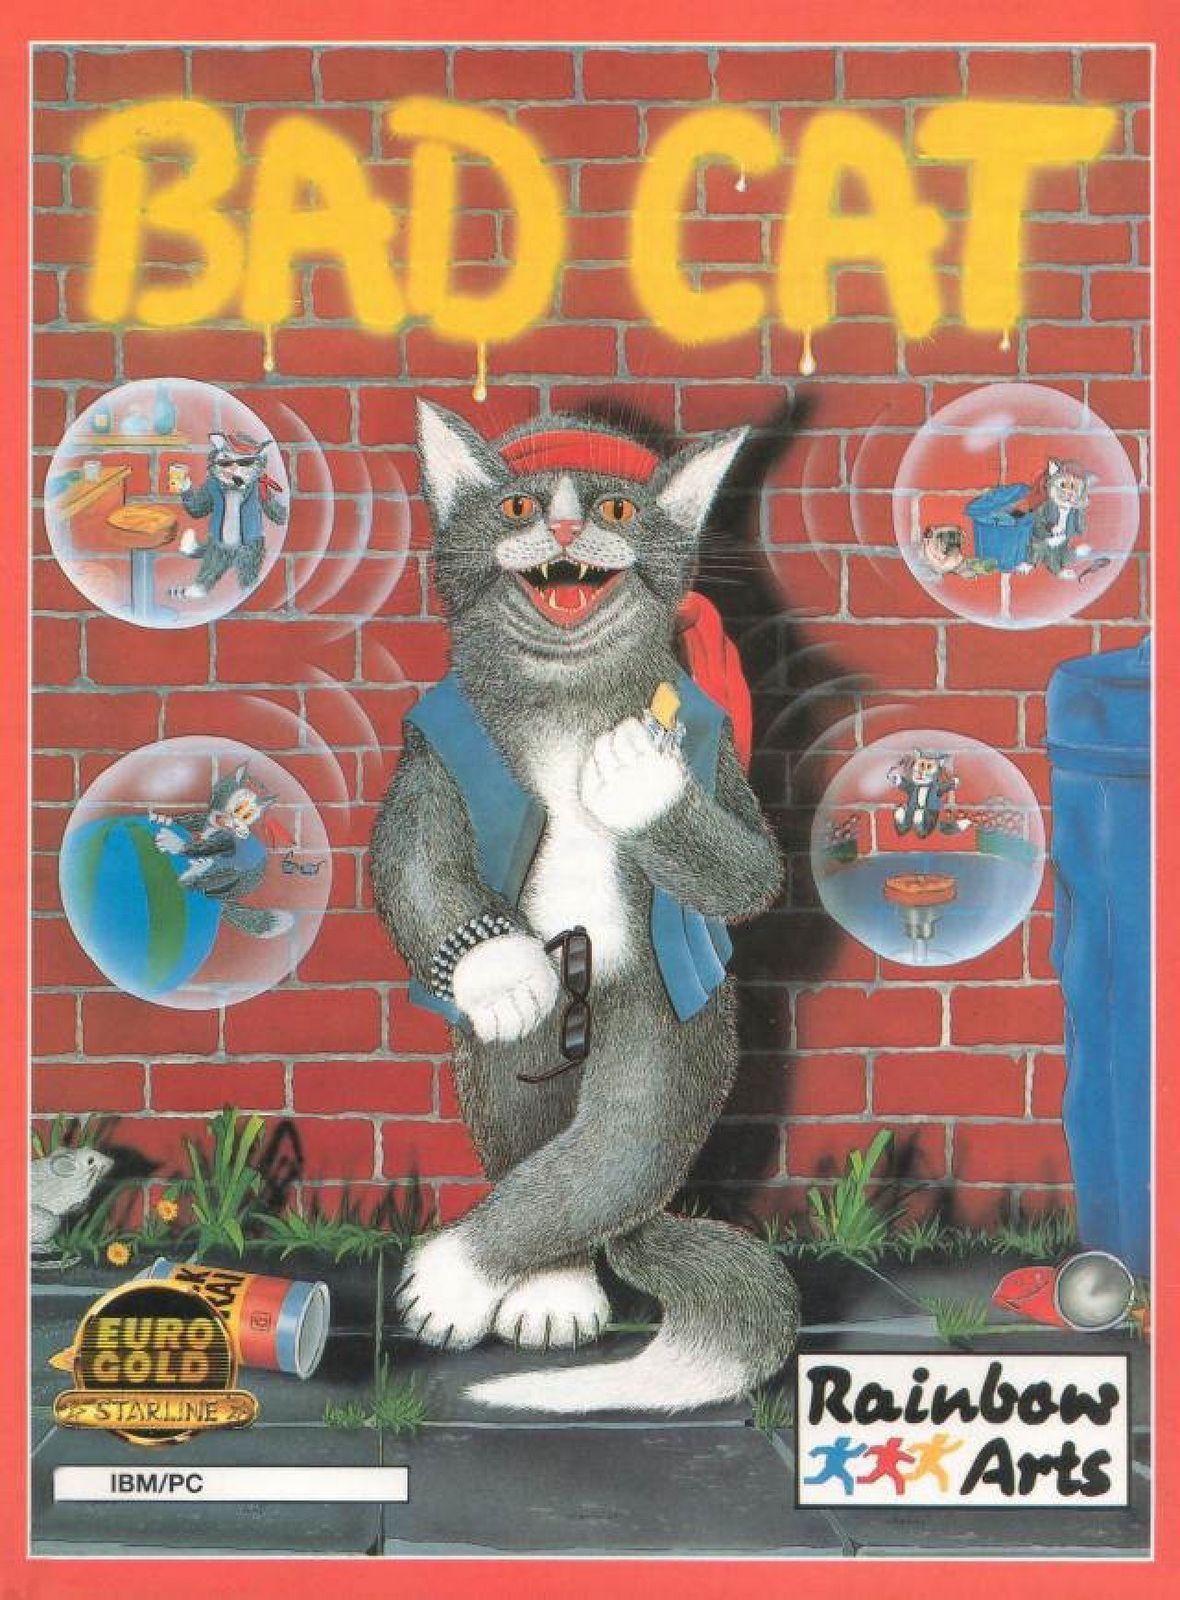 bad-cat-334786.jpg